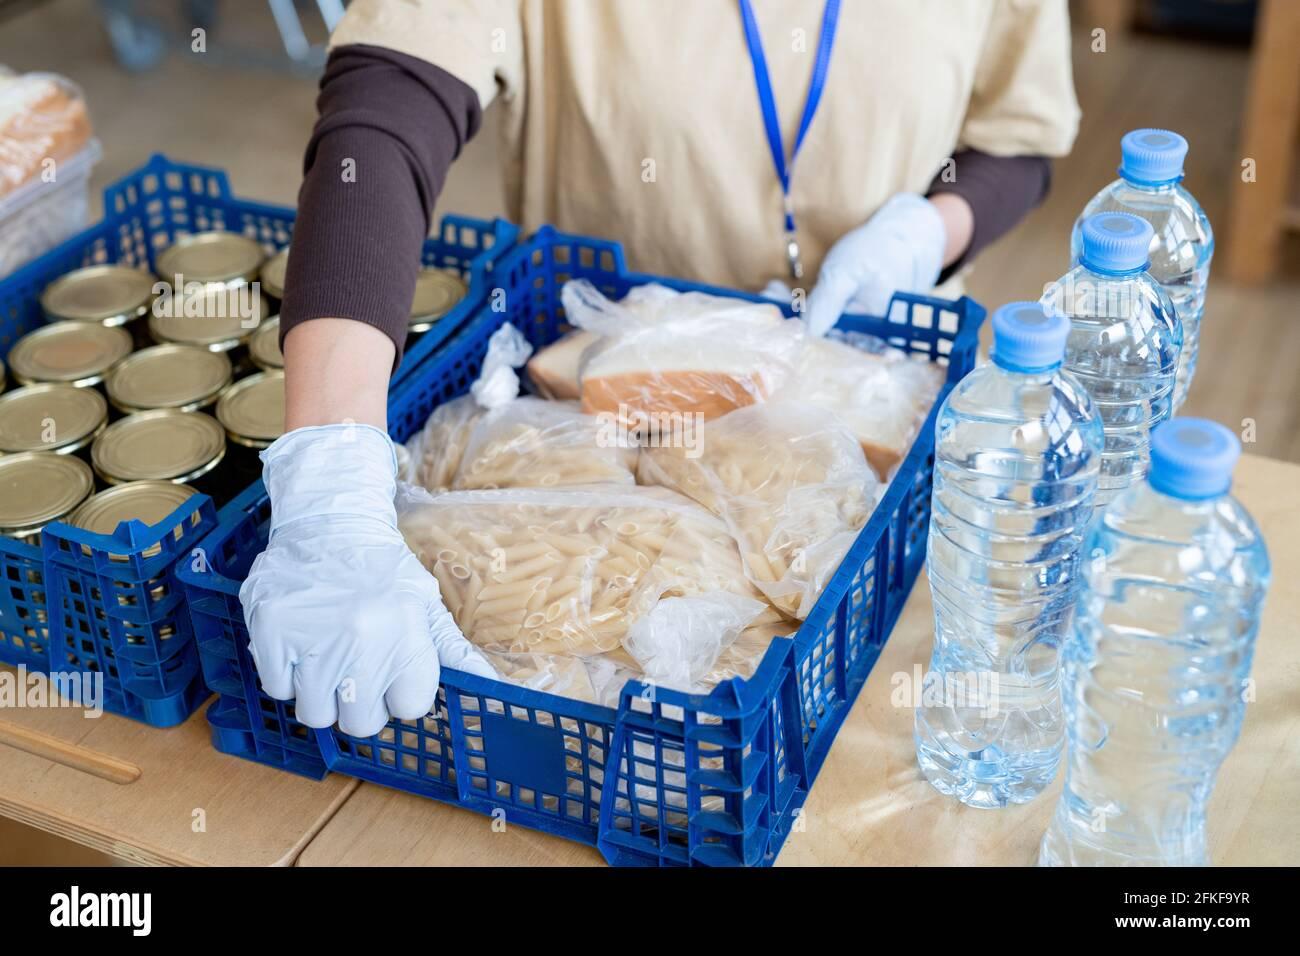 Un volontaire ganté met une grande boîte contenant des produits alimentaires sur la table Banque D'Images